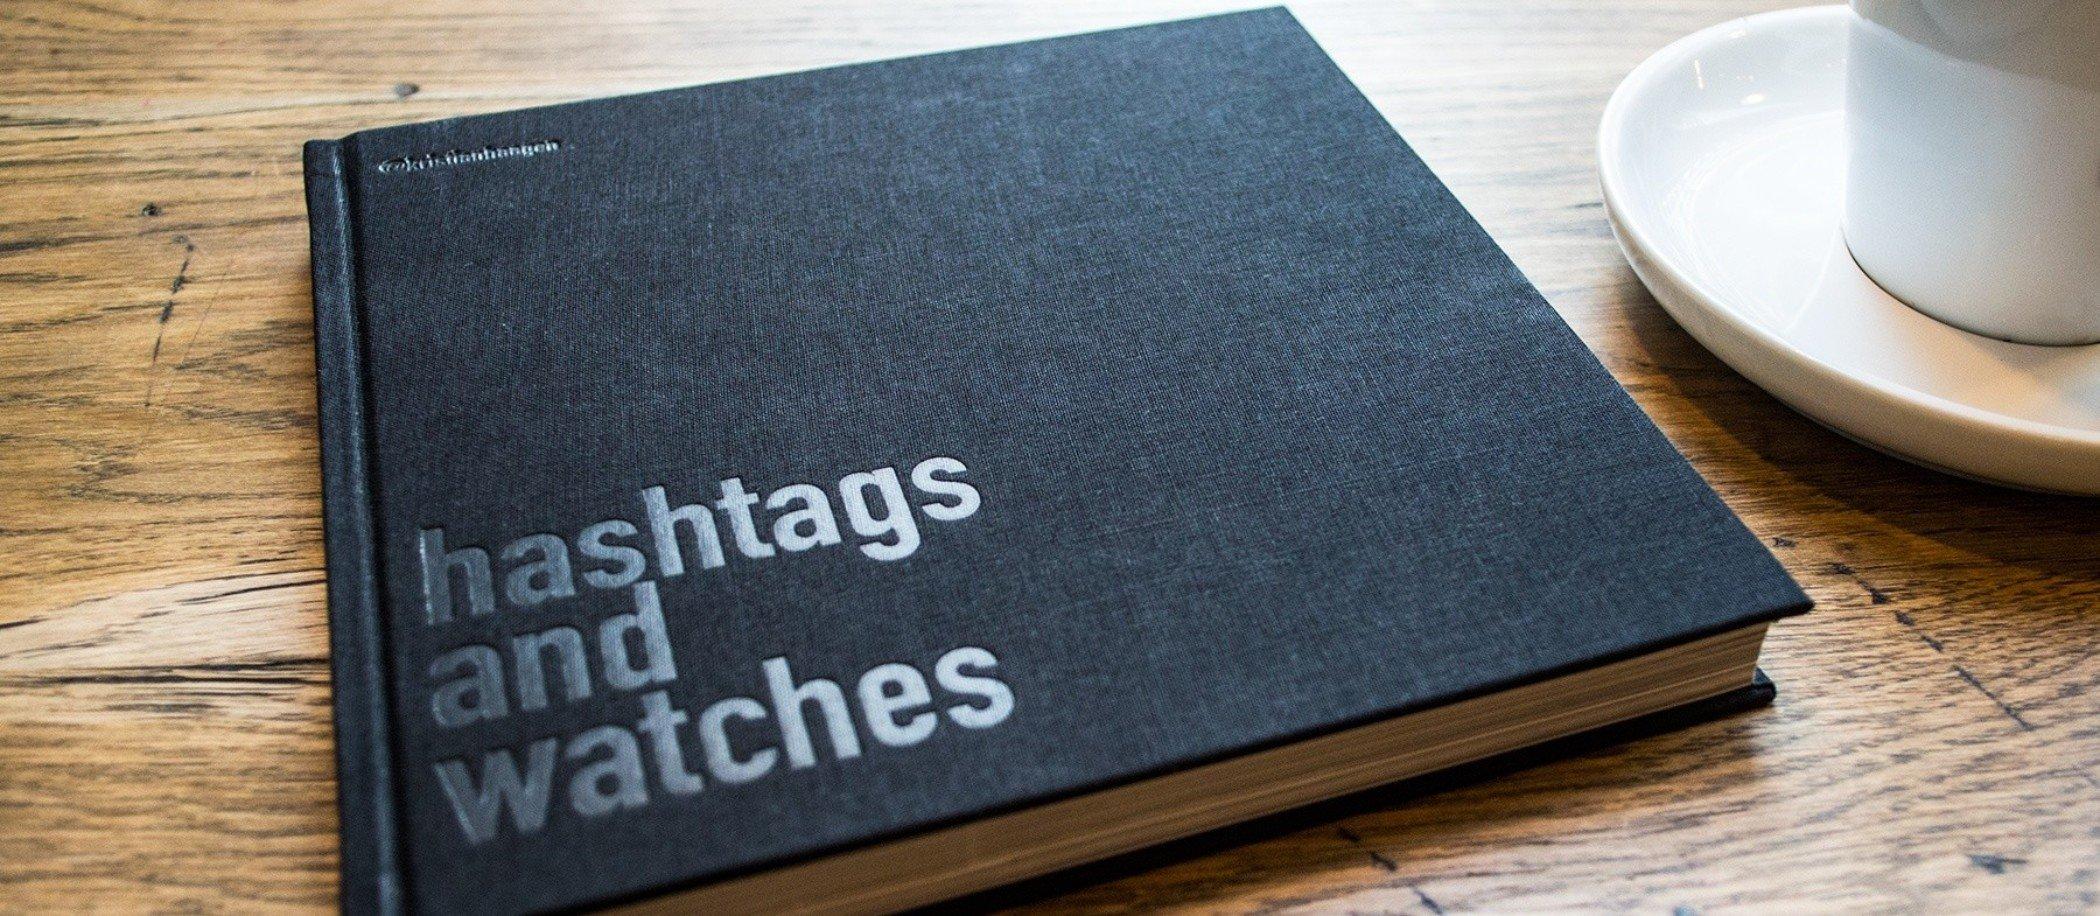 #HashtagsAndWatches